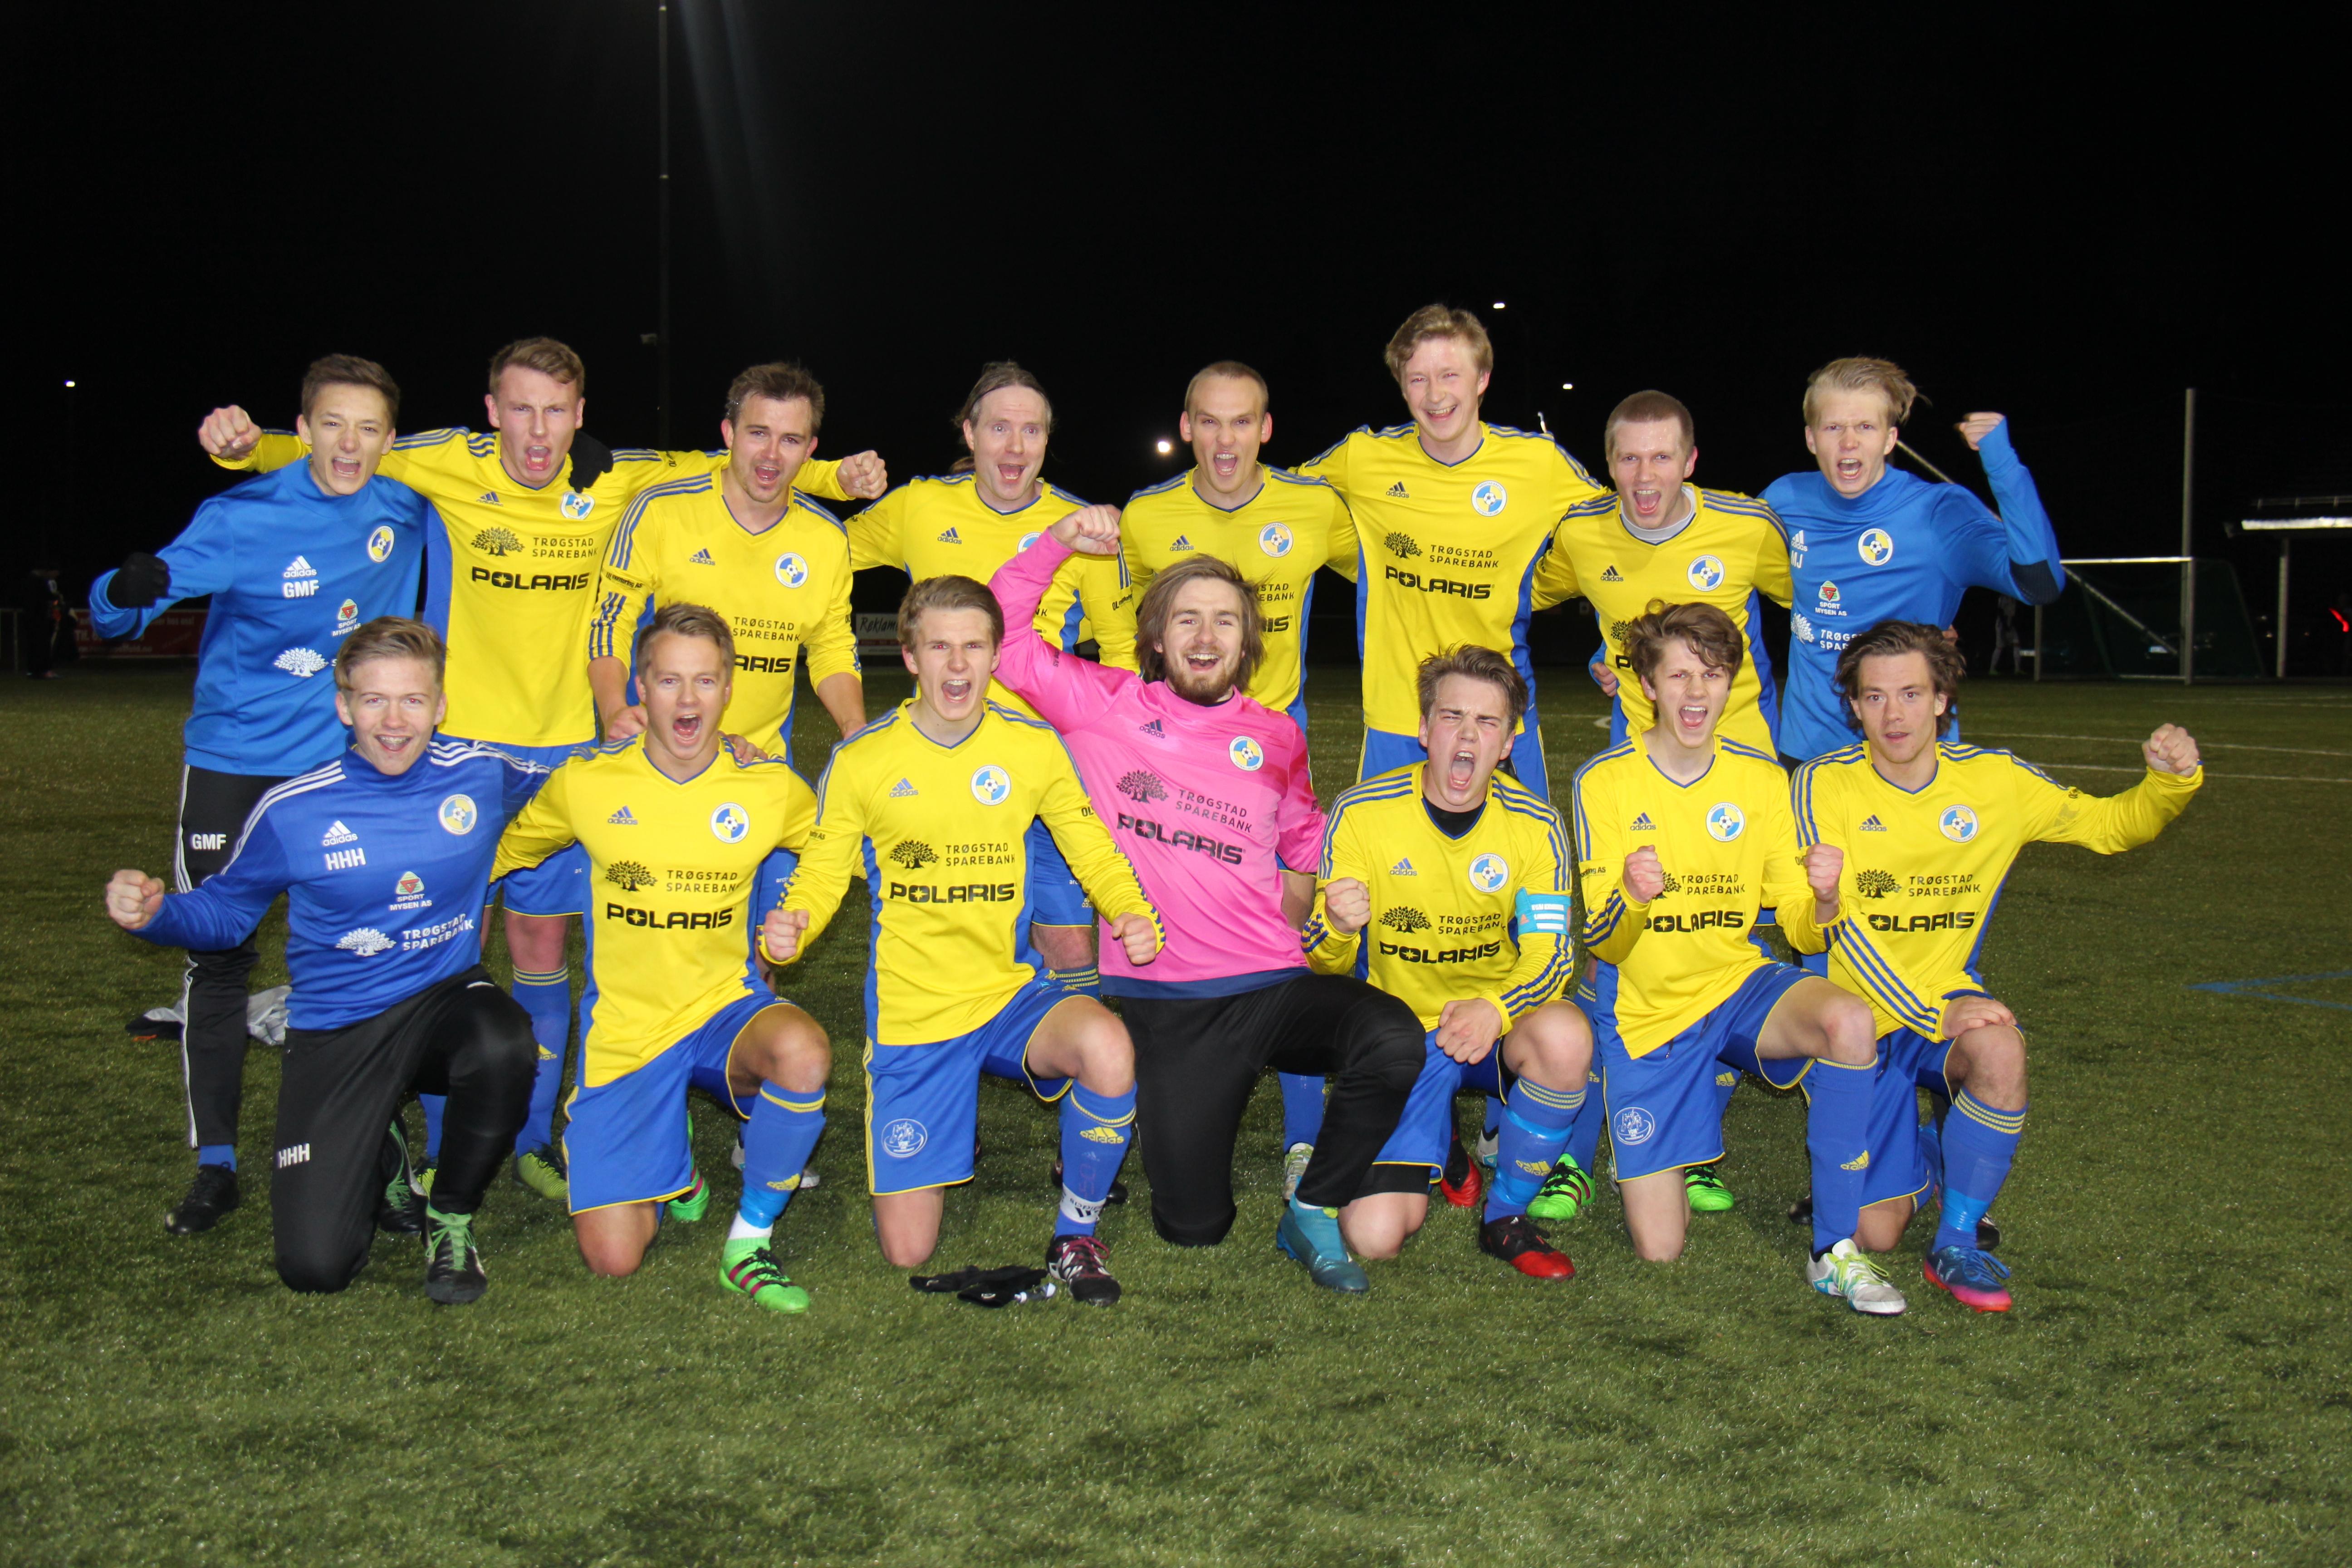 bb415bd6 Høsten startet med plankekjøring - Trøgstad/Båstad FK - Fotball